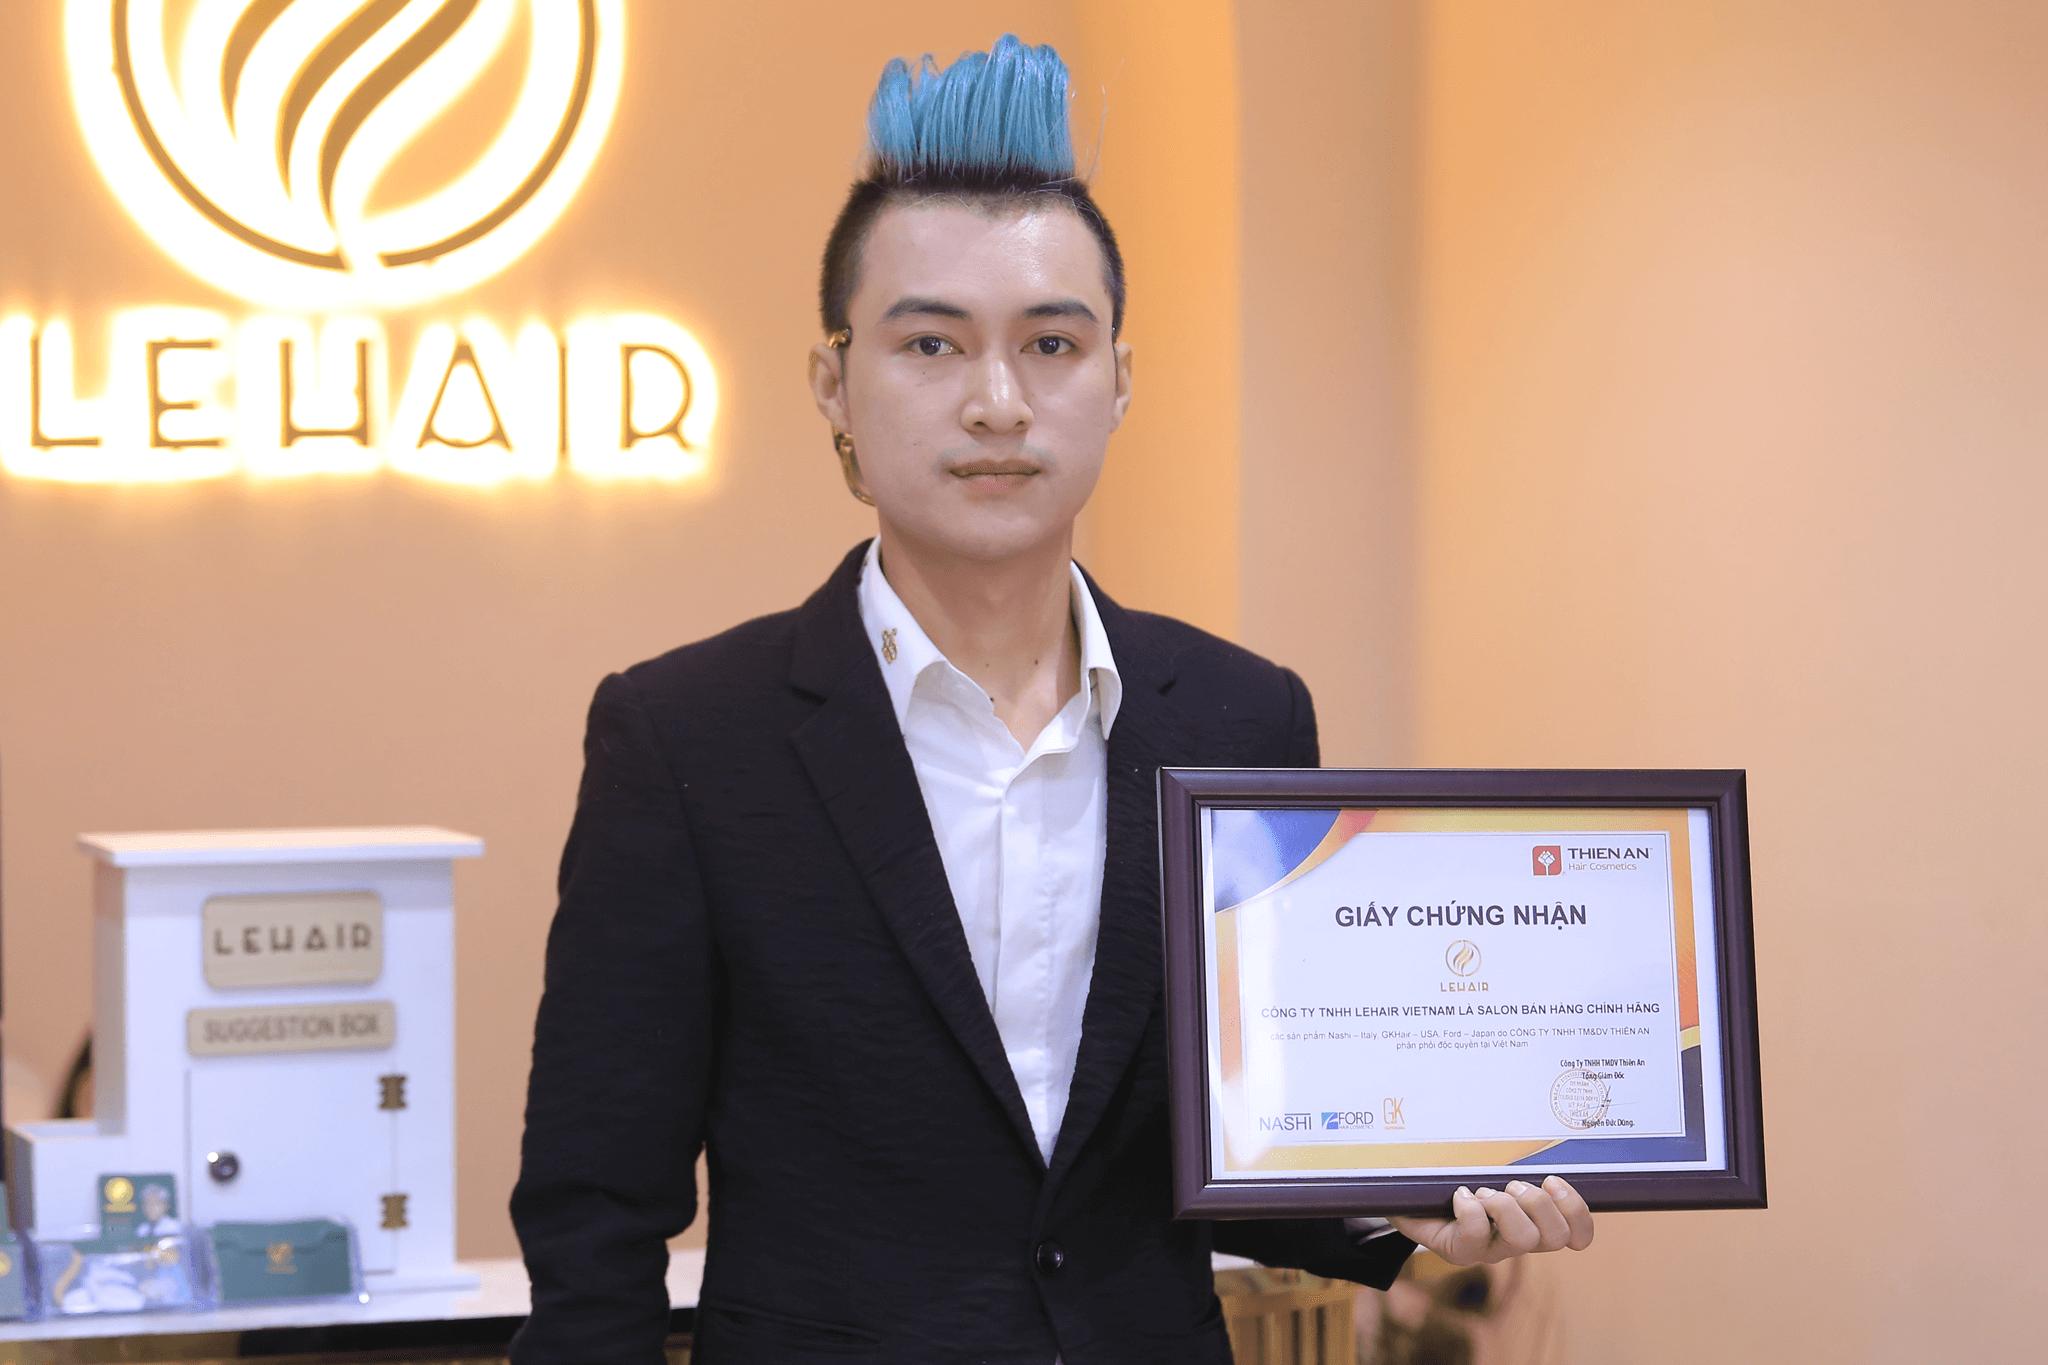 Chứng Nhận Công ty TNHH LeHair Vietnam là Salon bán hàng chính hãng